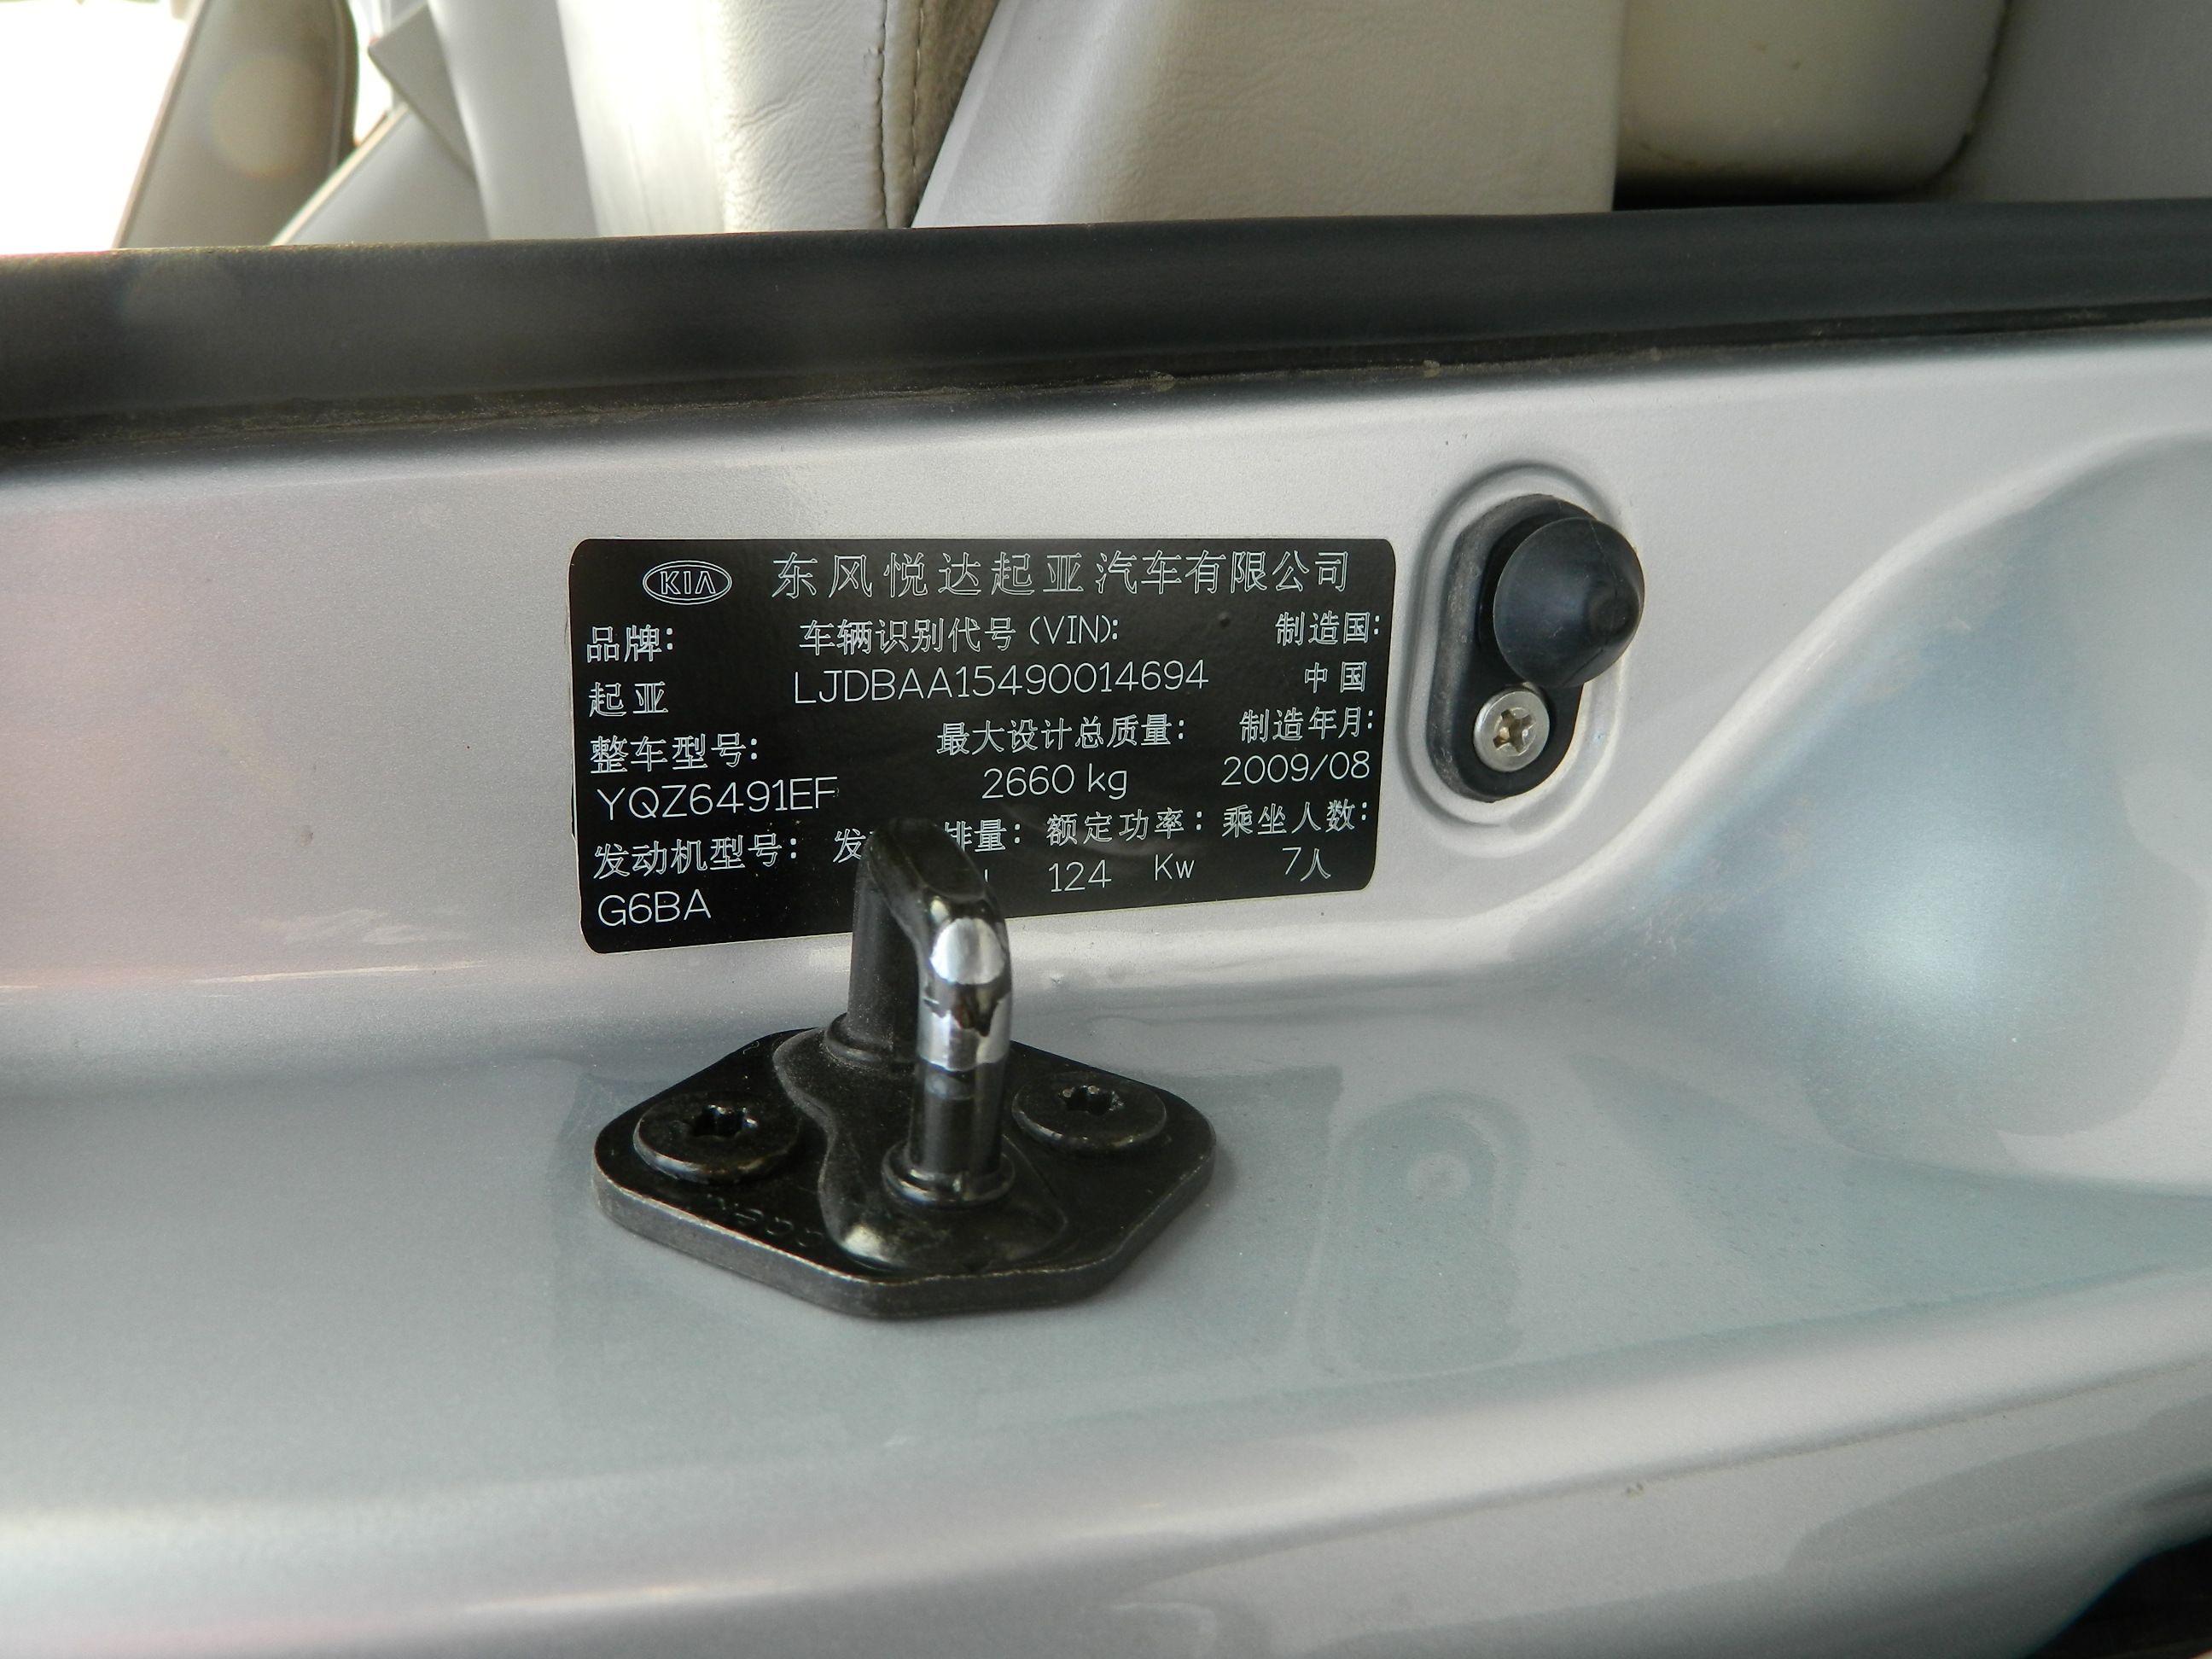 2003年进口起亚嘉华商务车 七座商务车起亚嘉华 起亚嘉华高清图片